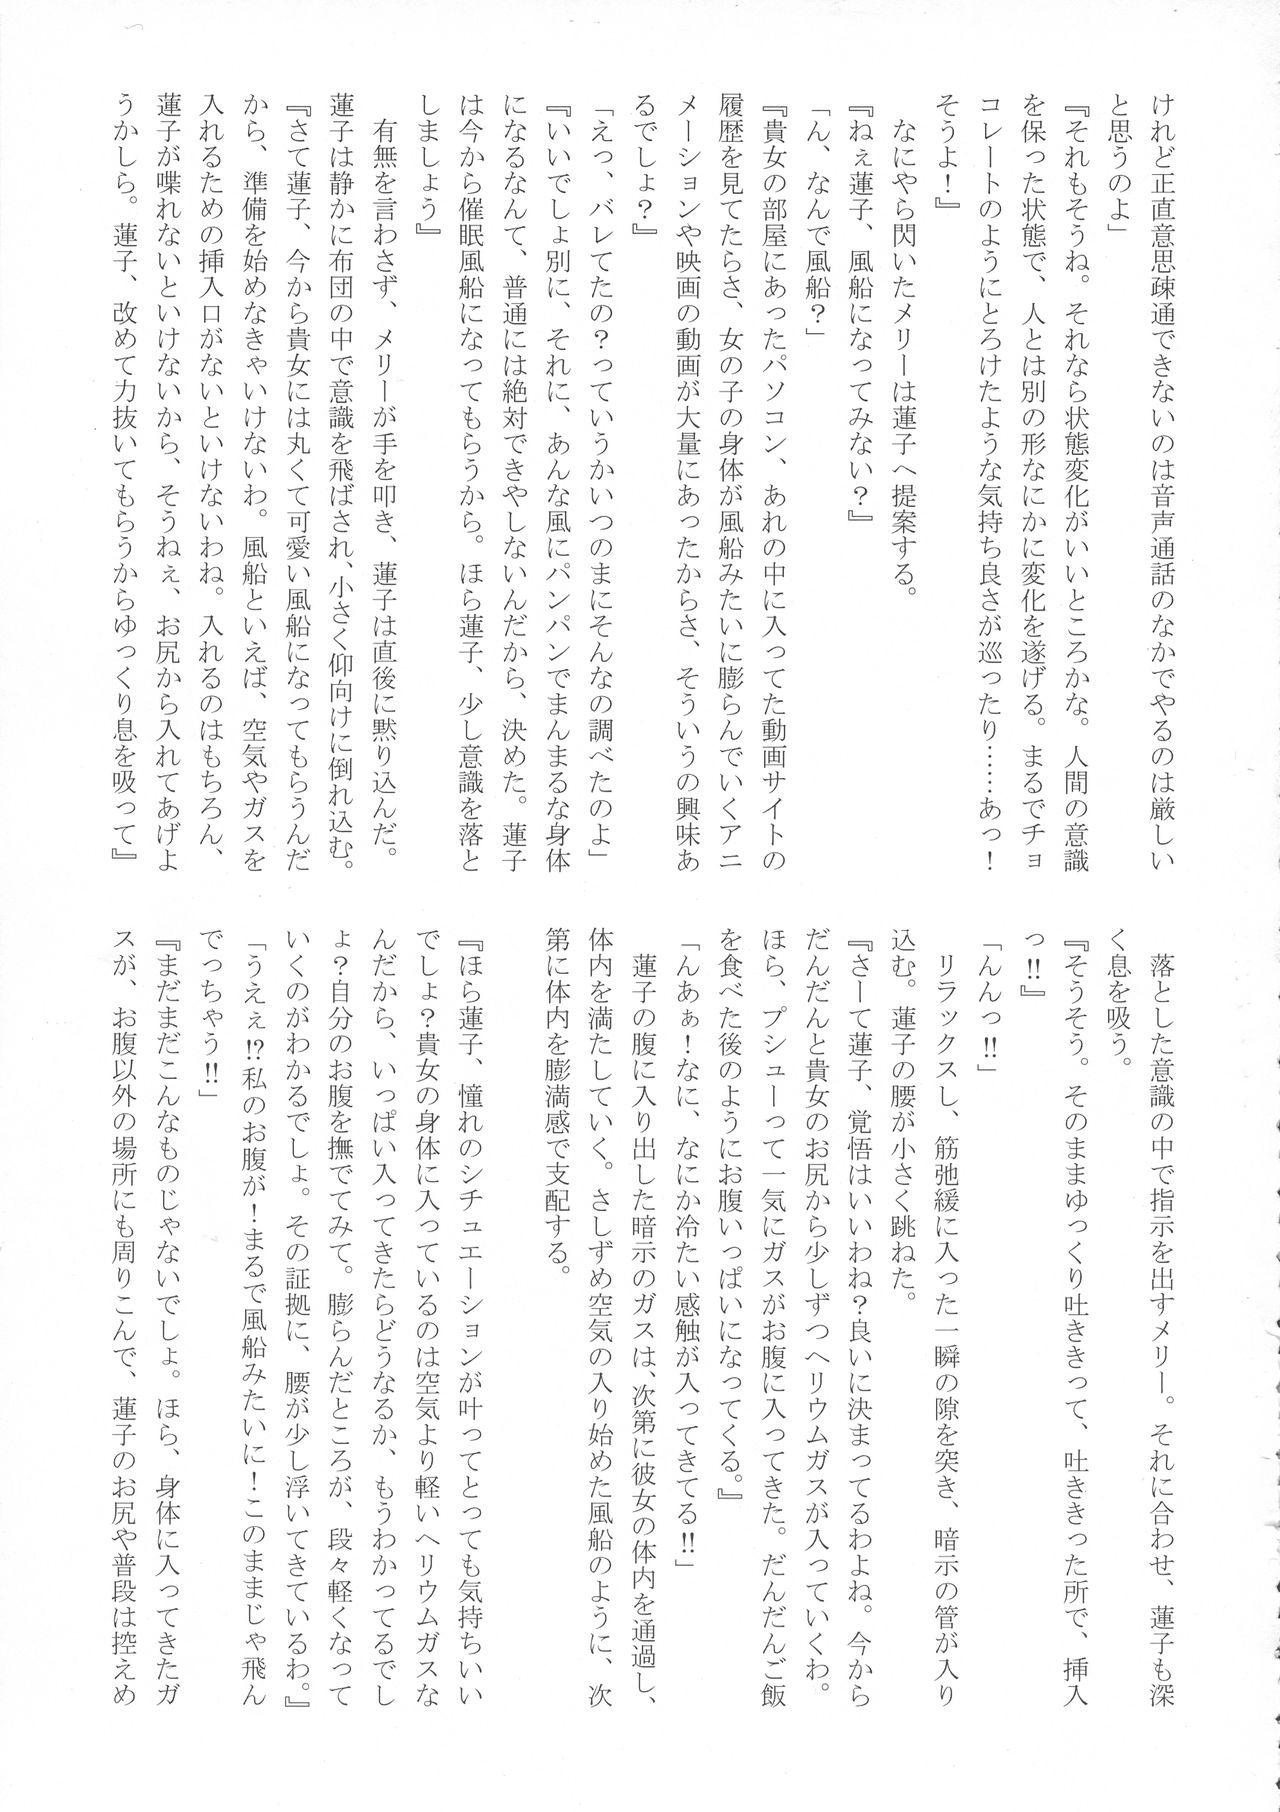 (Reitaisai 15) [HORIC WORKS (Various)] Touhou Bouchou-kei Sougou Goudou-shi `Boujo 2!!!!!!!!' (Touhou Project) 79